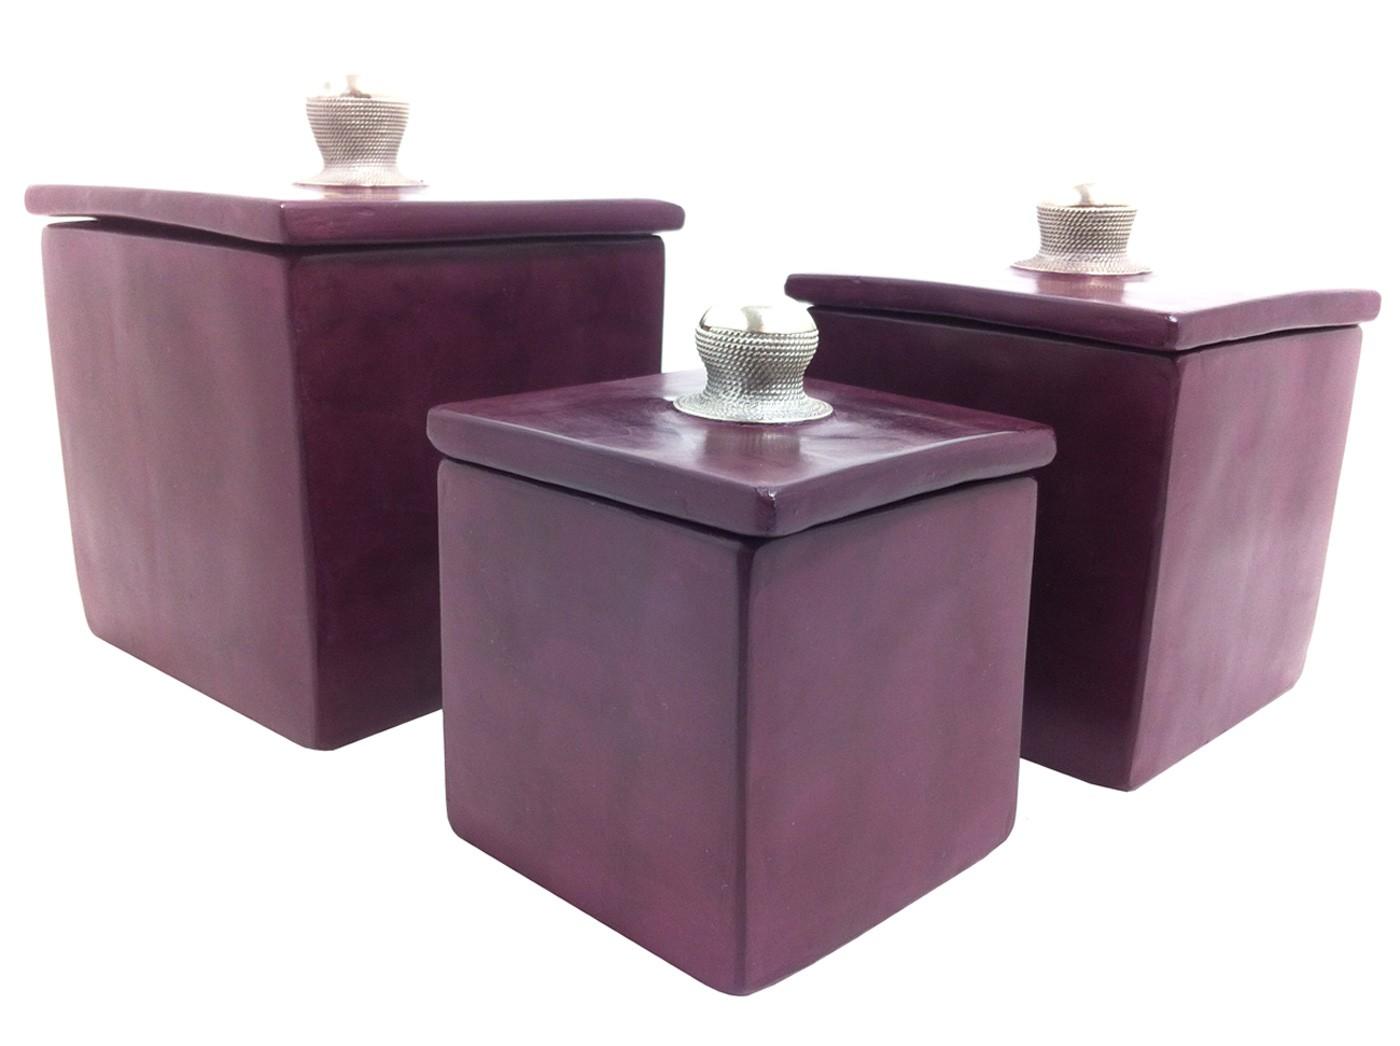 excellent salle de bain noir et aubergine accessoires sdb carre with salle de bain couleur aubergine. Black Bedroom Furniture Sets. Home Design Ideas